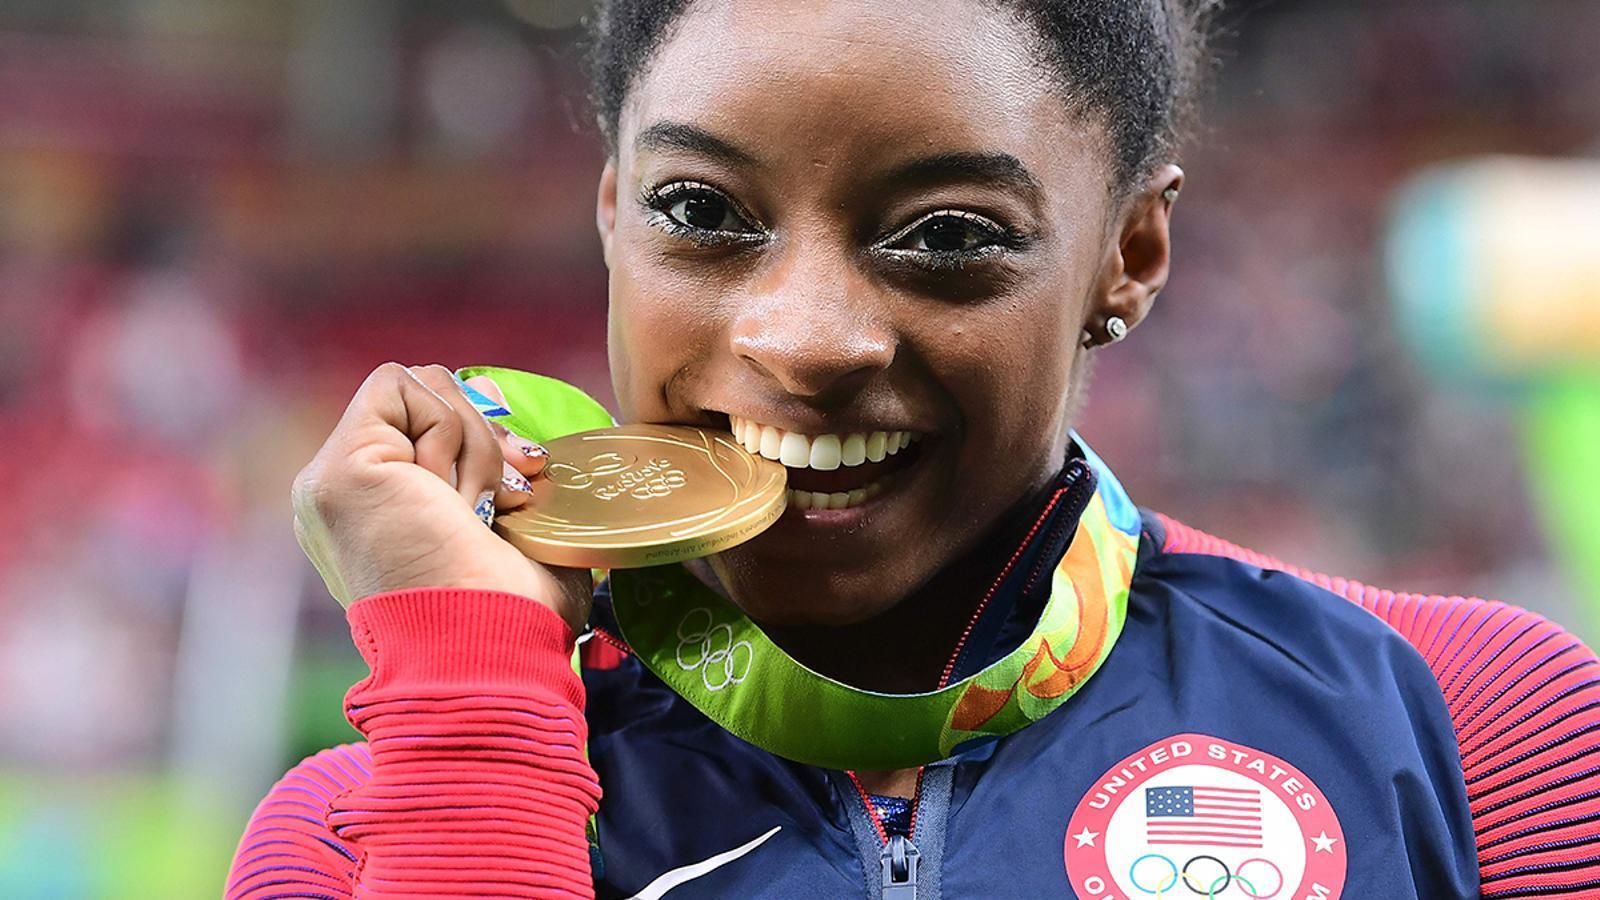 Ningú no dubta que Simone Biles té la medalla d'or més que merescuda.